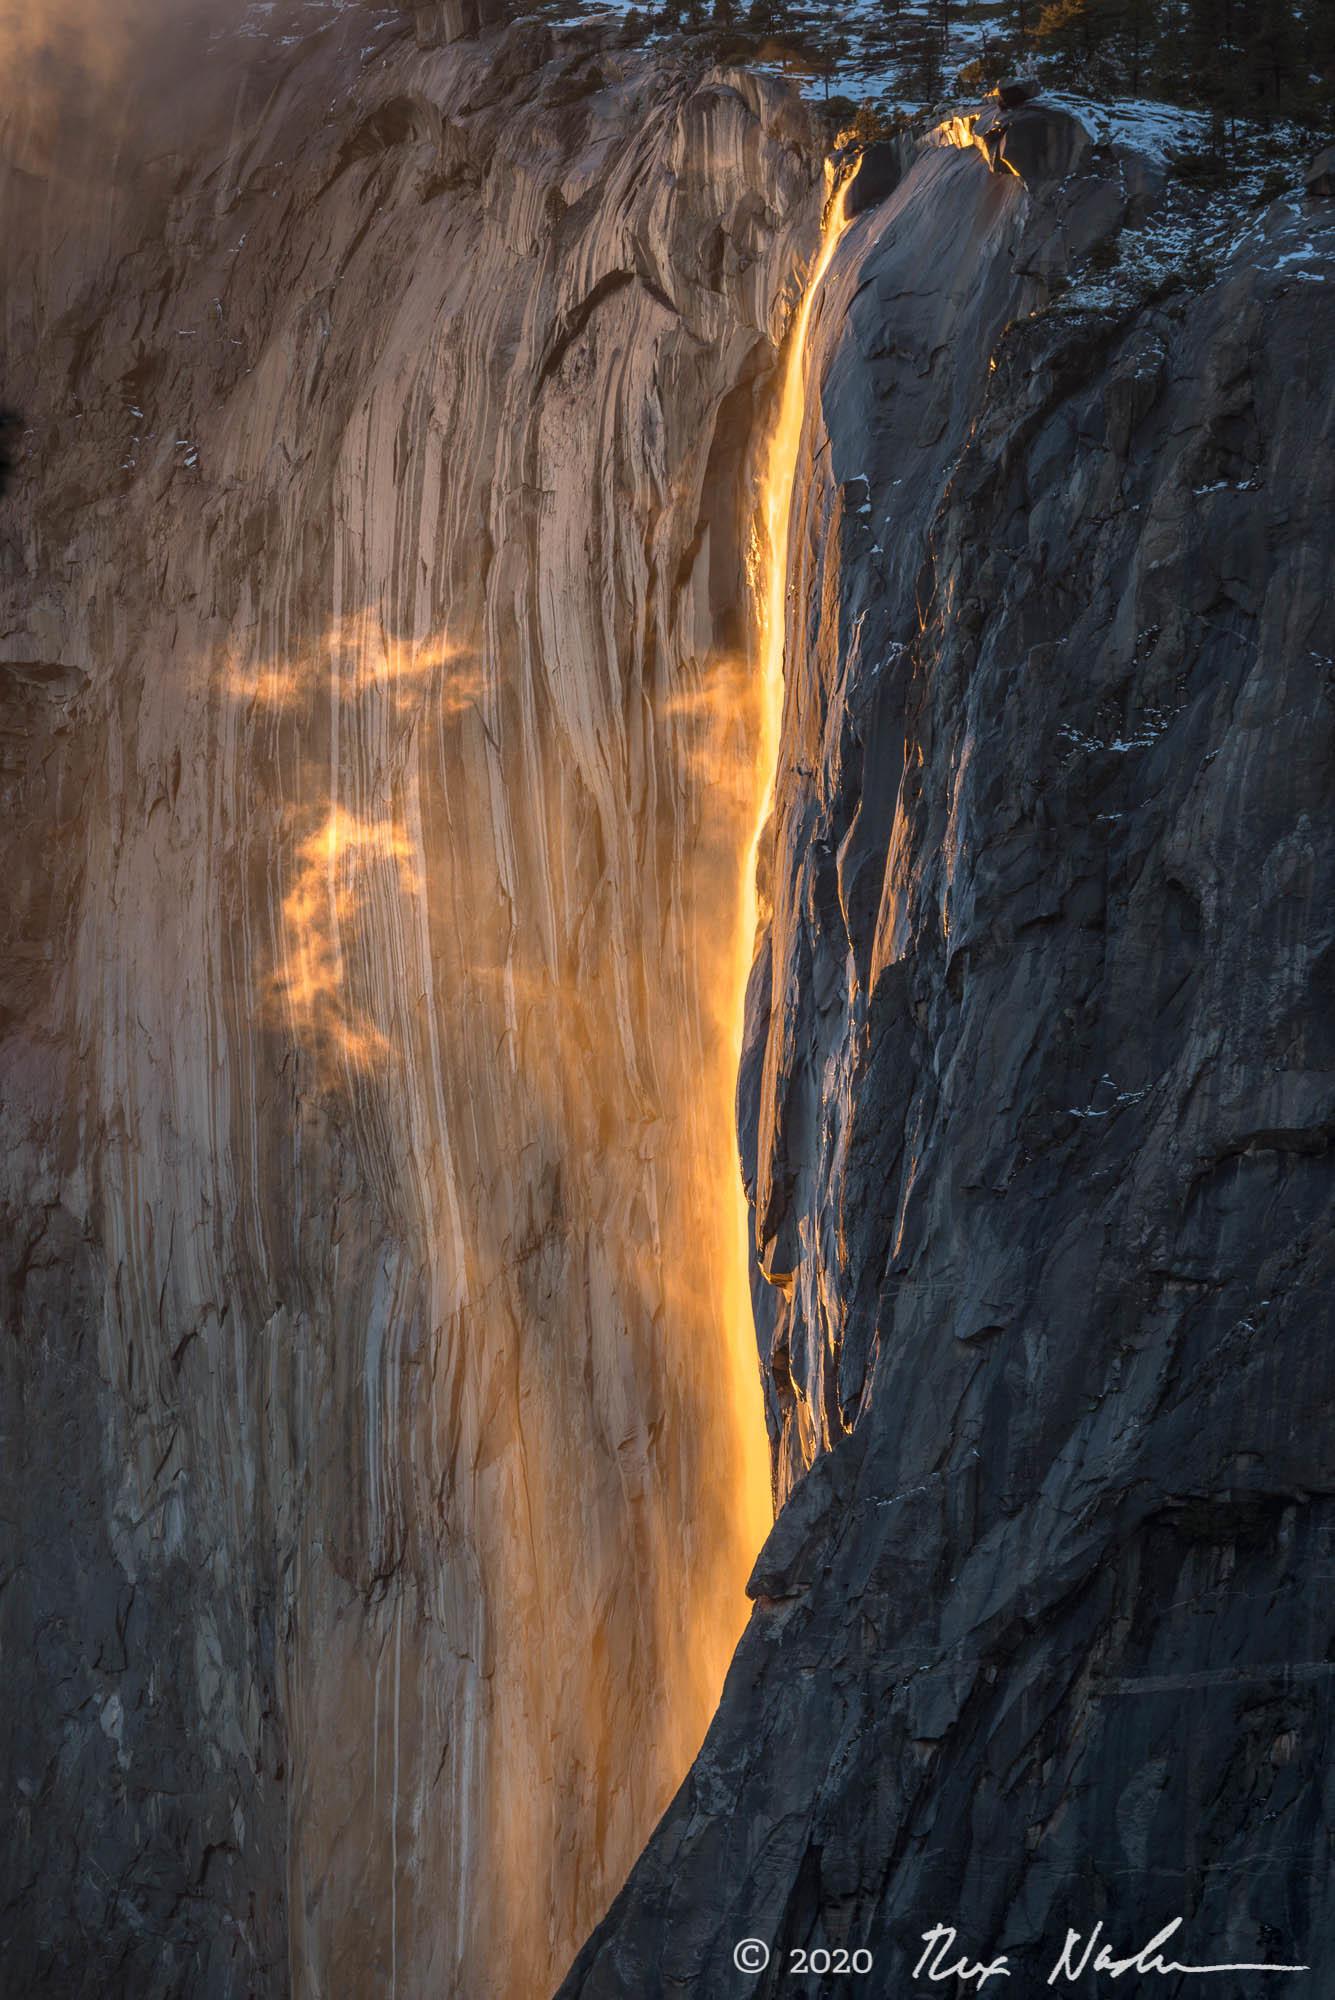 Molten Lava - Yosemite NP